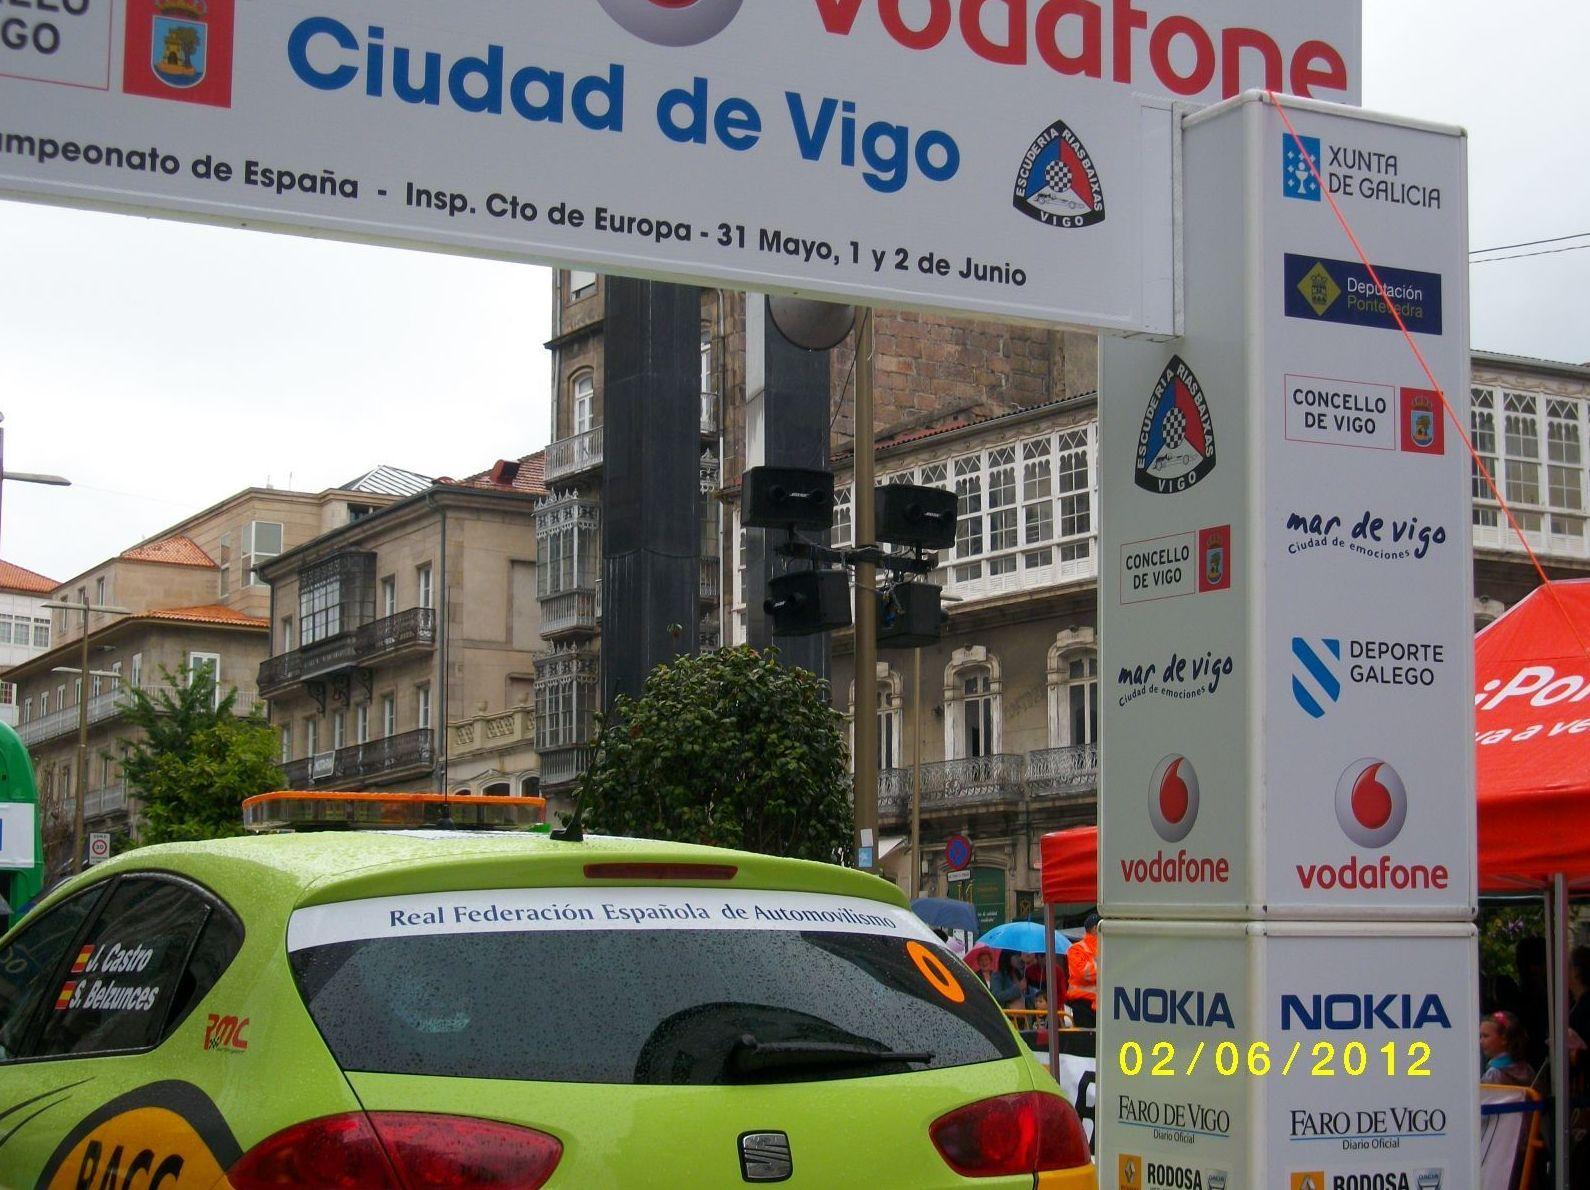 Vodafone Rally Rías Baixas